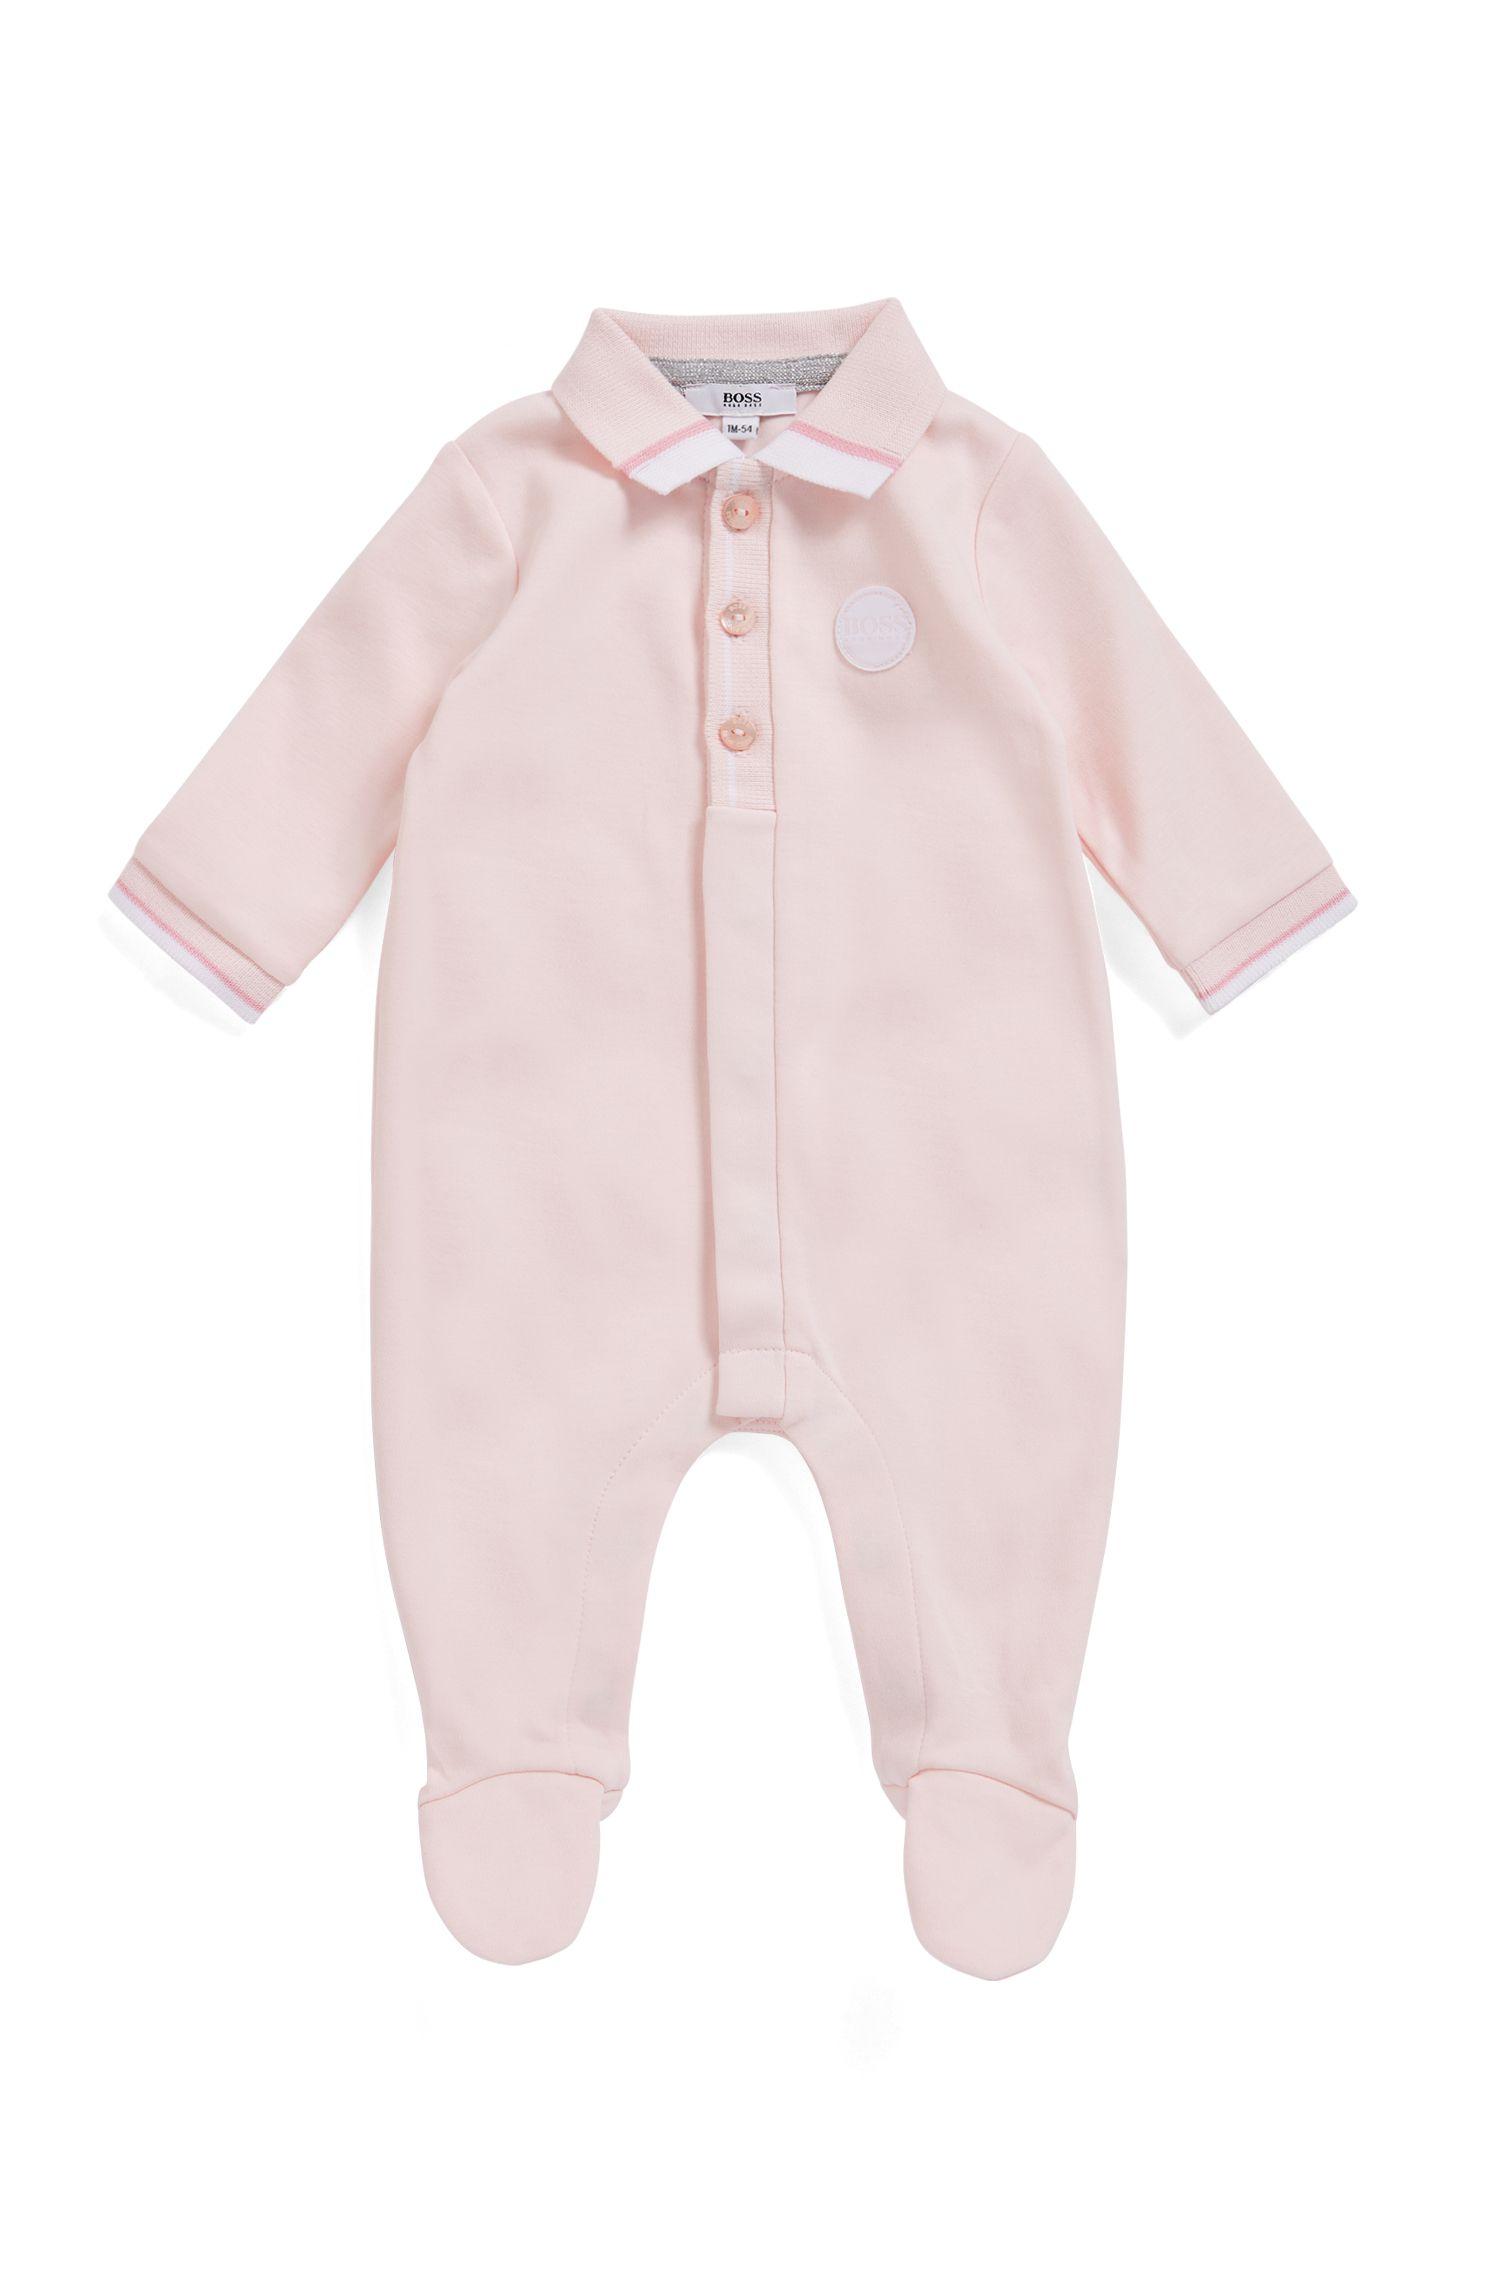 Pijama para bebé niña en algodón interlock con logo tejido, Rosa claro